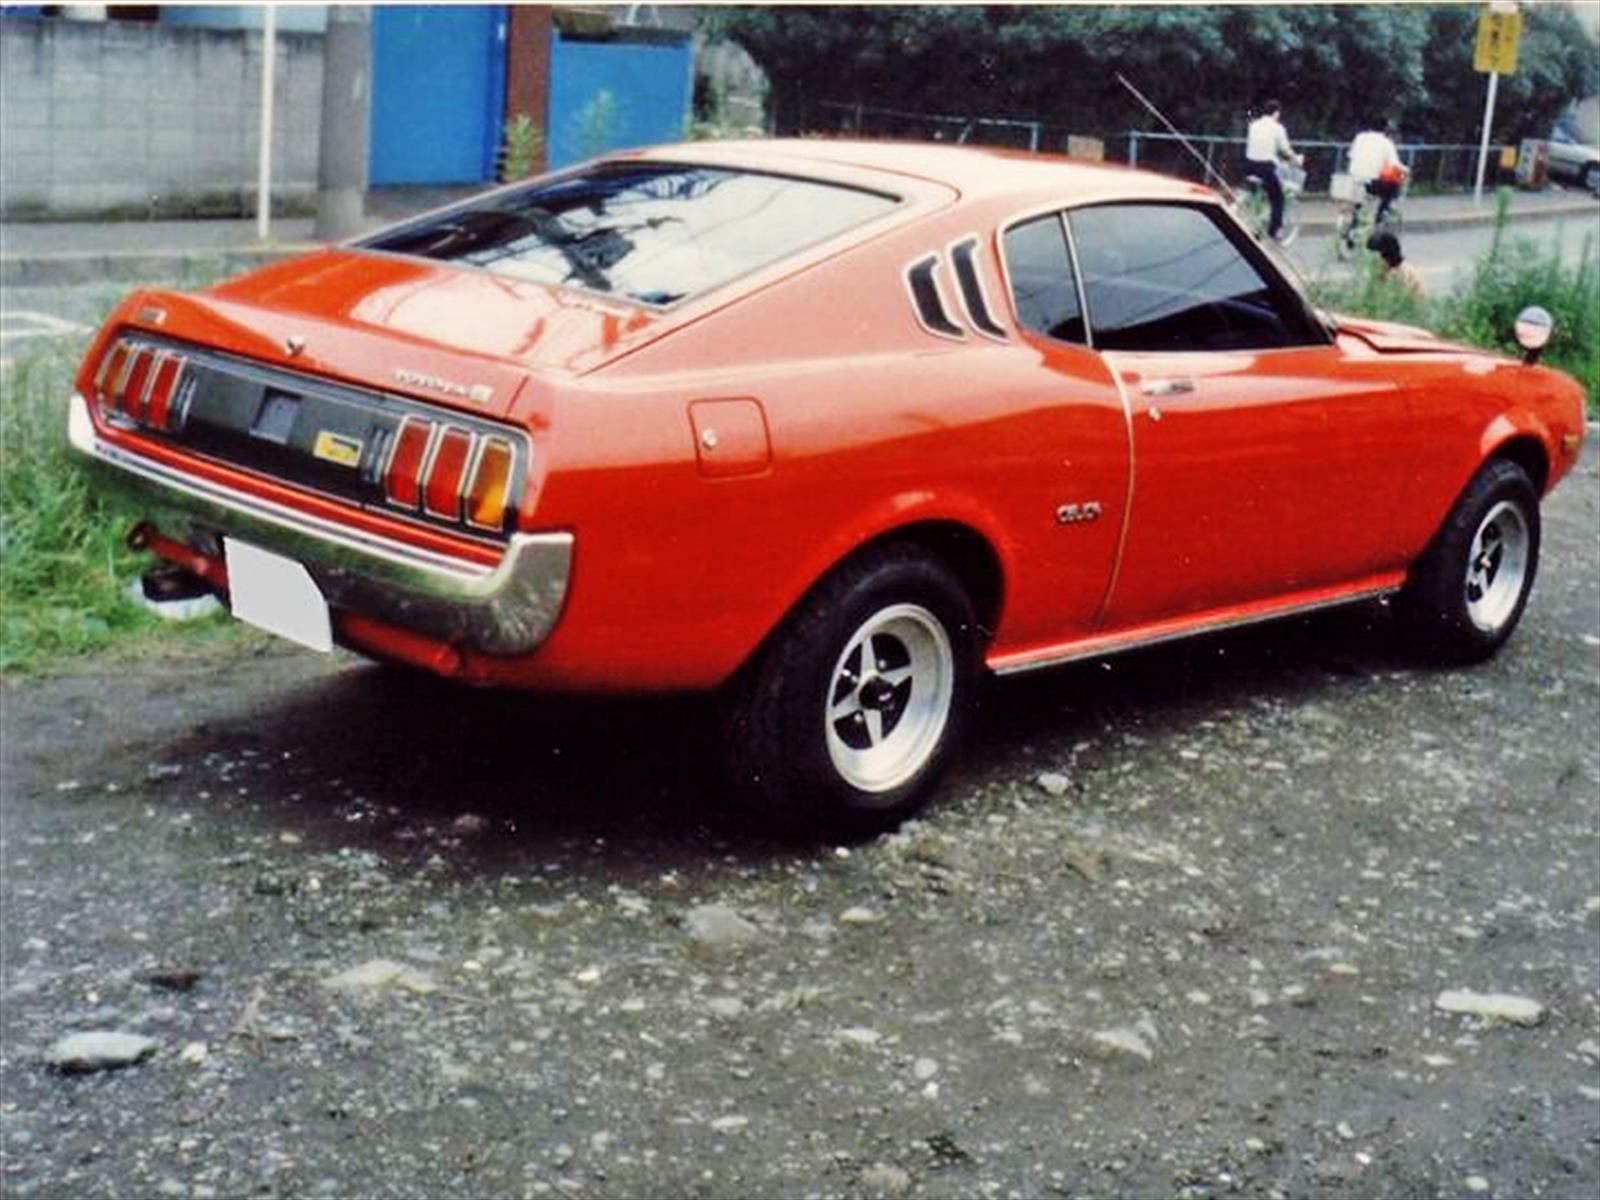 Toyota Celica Lt 1977 Top Car Reviews 2019 2020 1973 Liftback 2000 Gt De Primera Generacin Clsico Deportivo Autocosmos